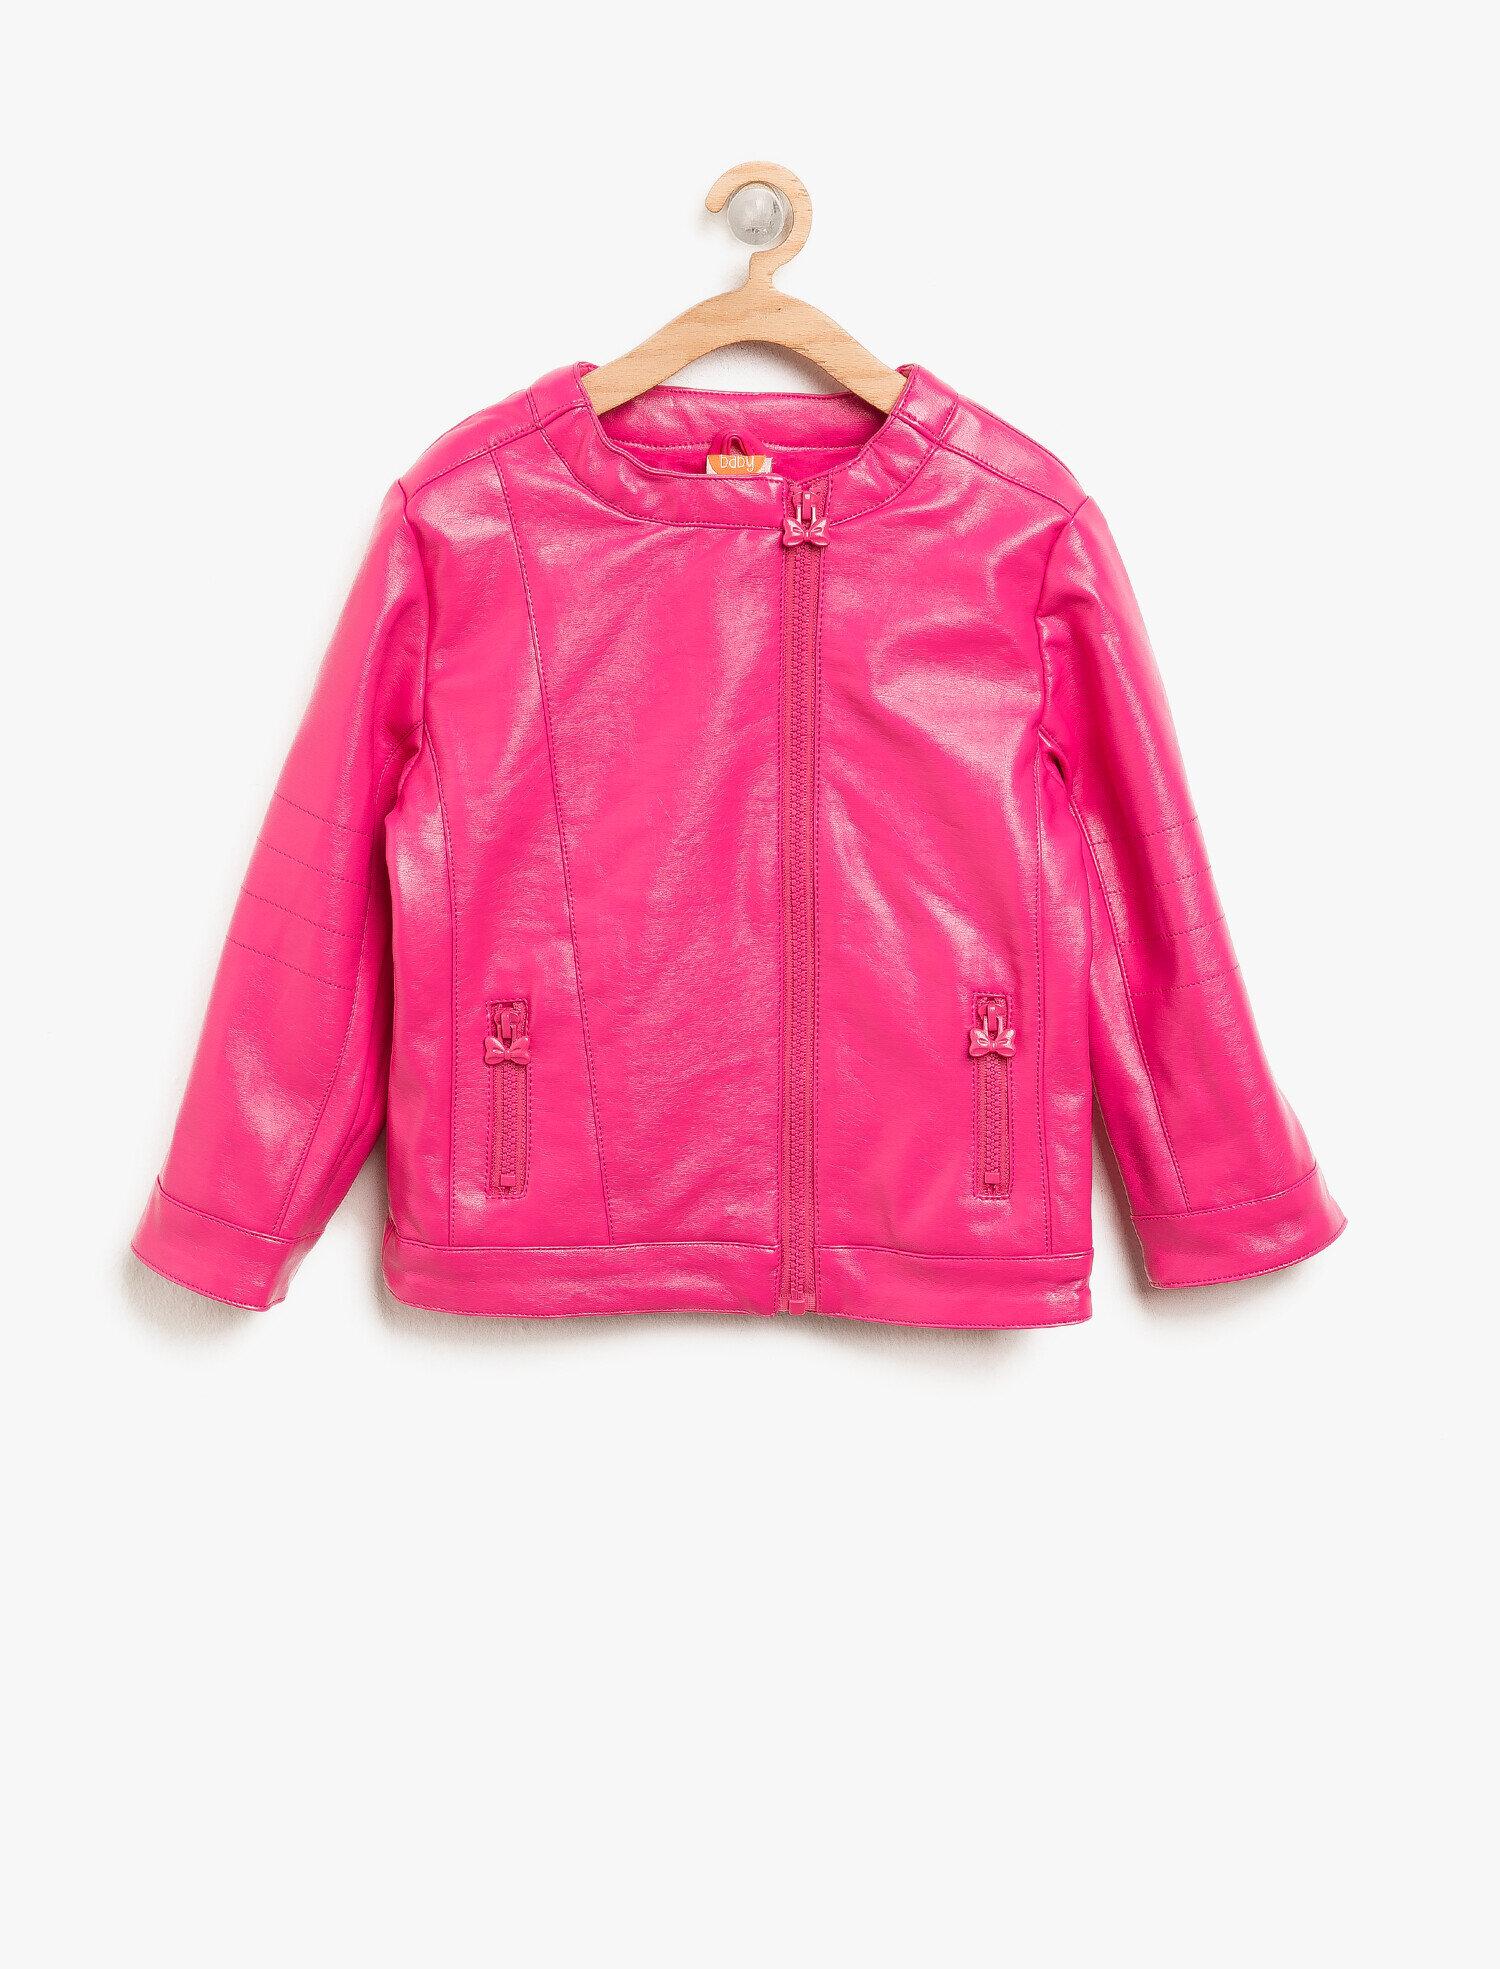 57967c392c7a3 Brand-Store | En Sevdiğiniz Markalar, En Sevdiğiniz Mağazalar | Deri ...